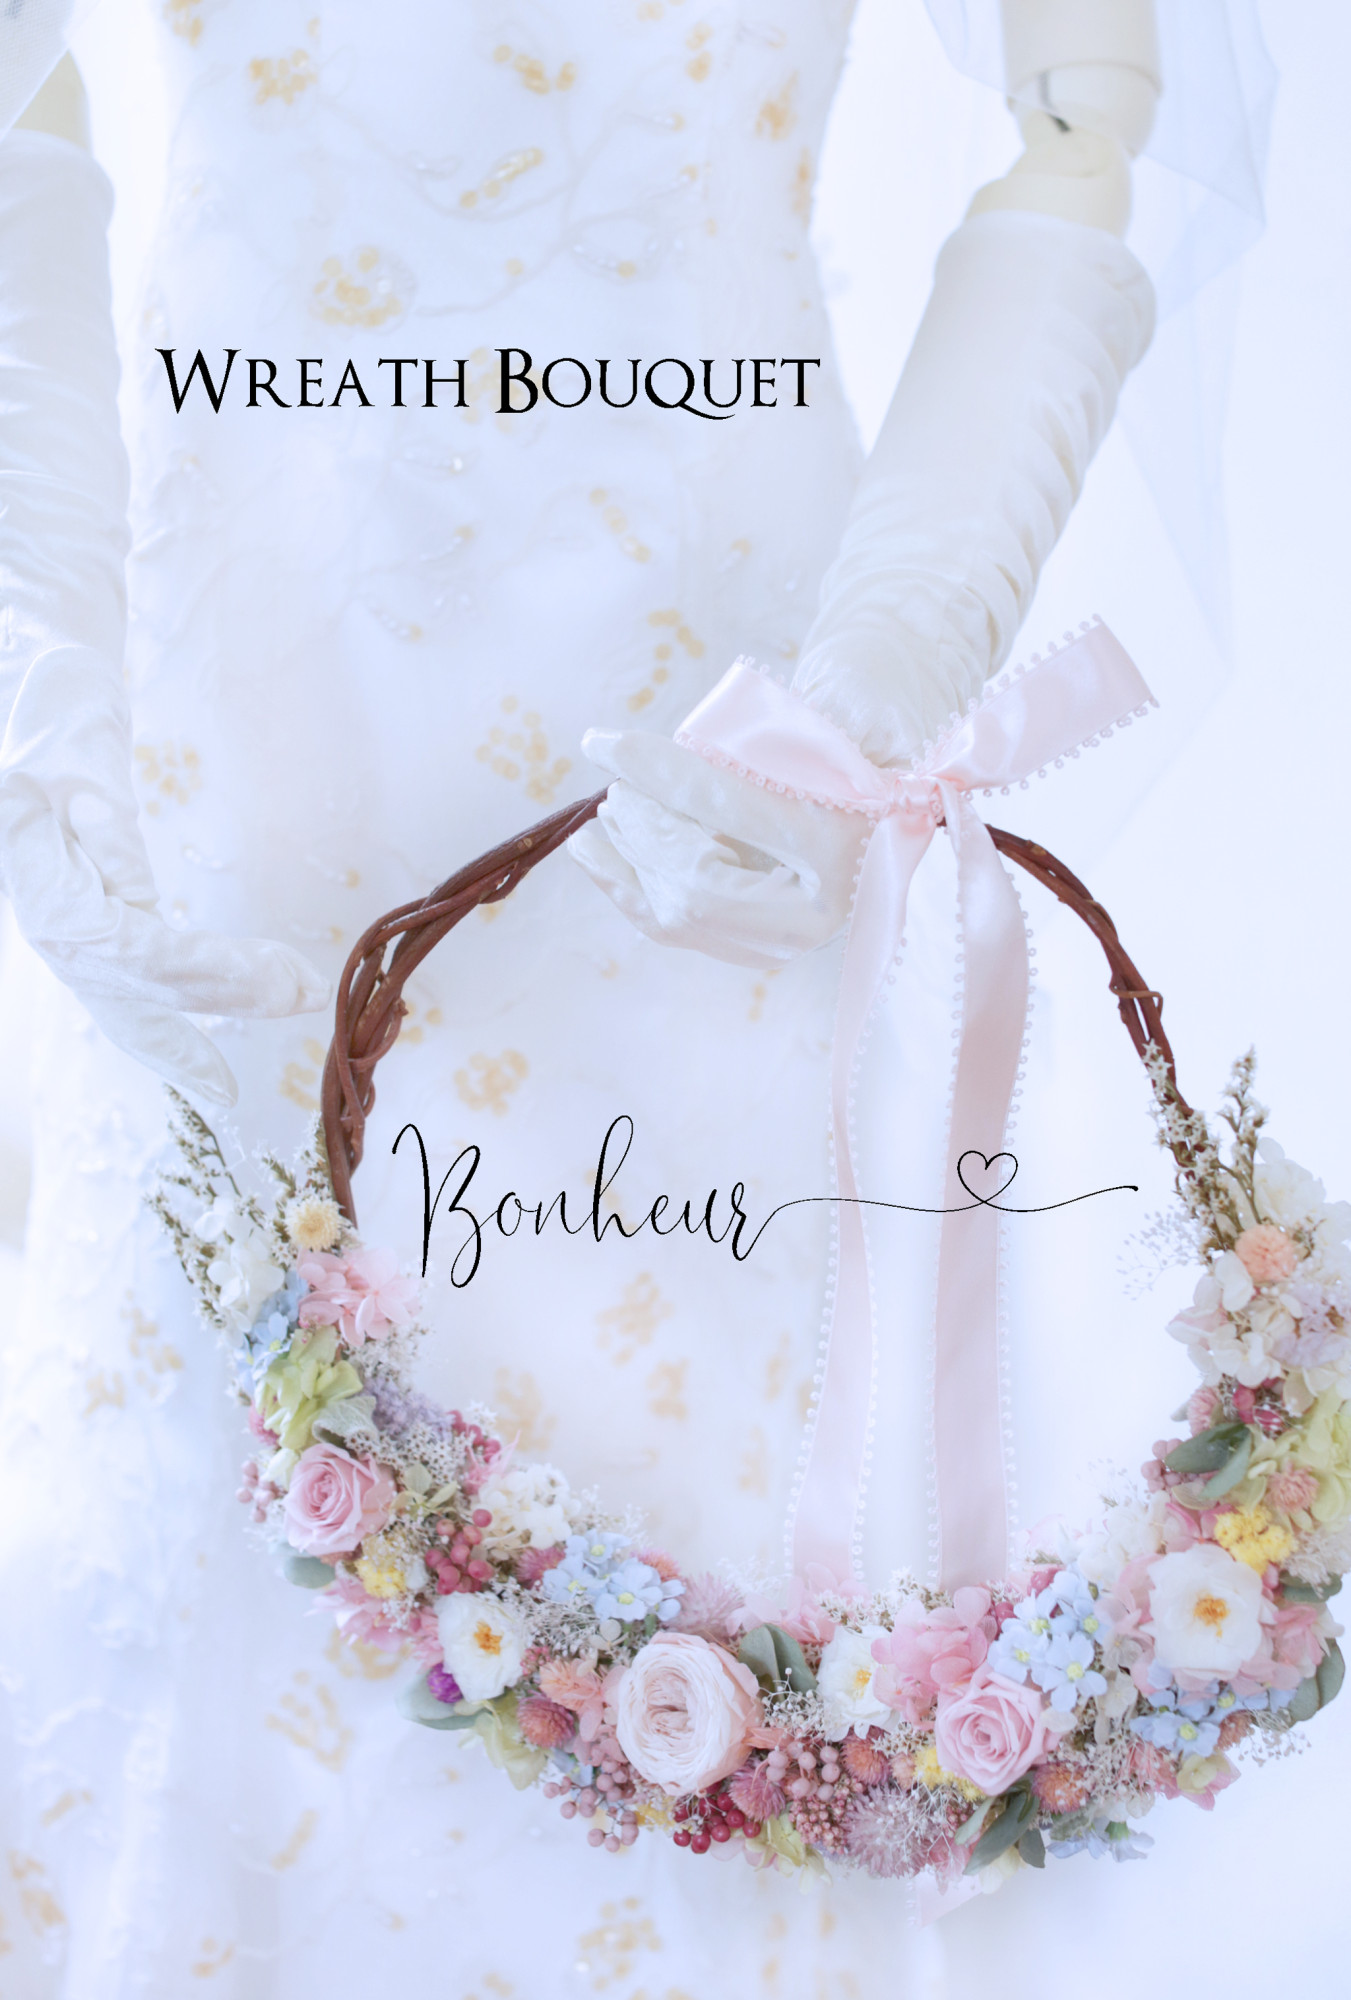 b_wreathbouquet20181011_4